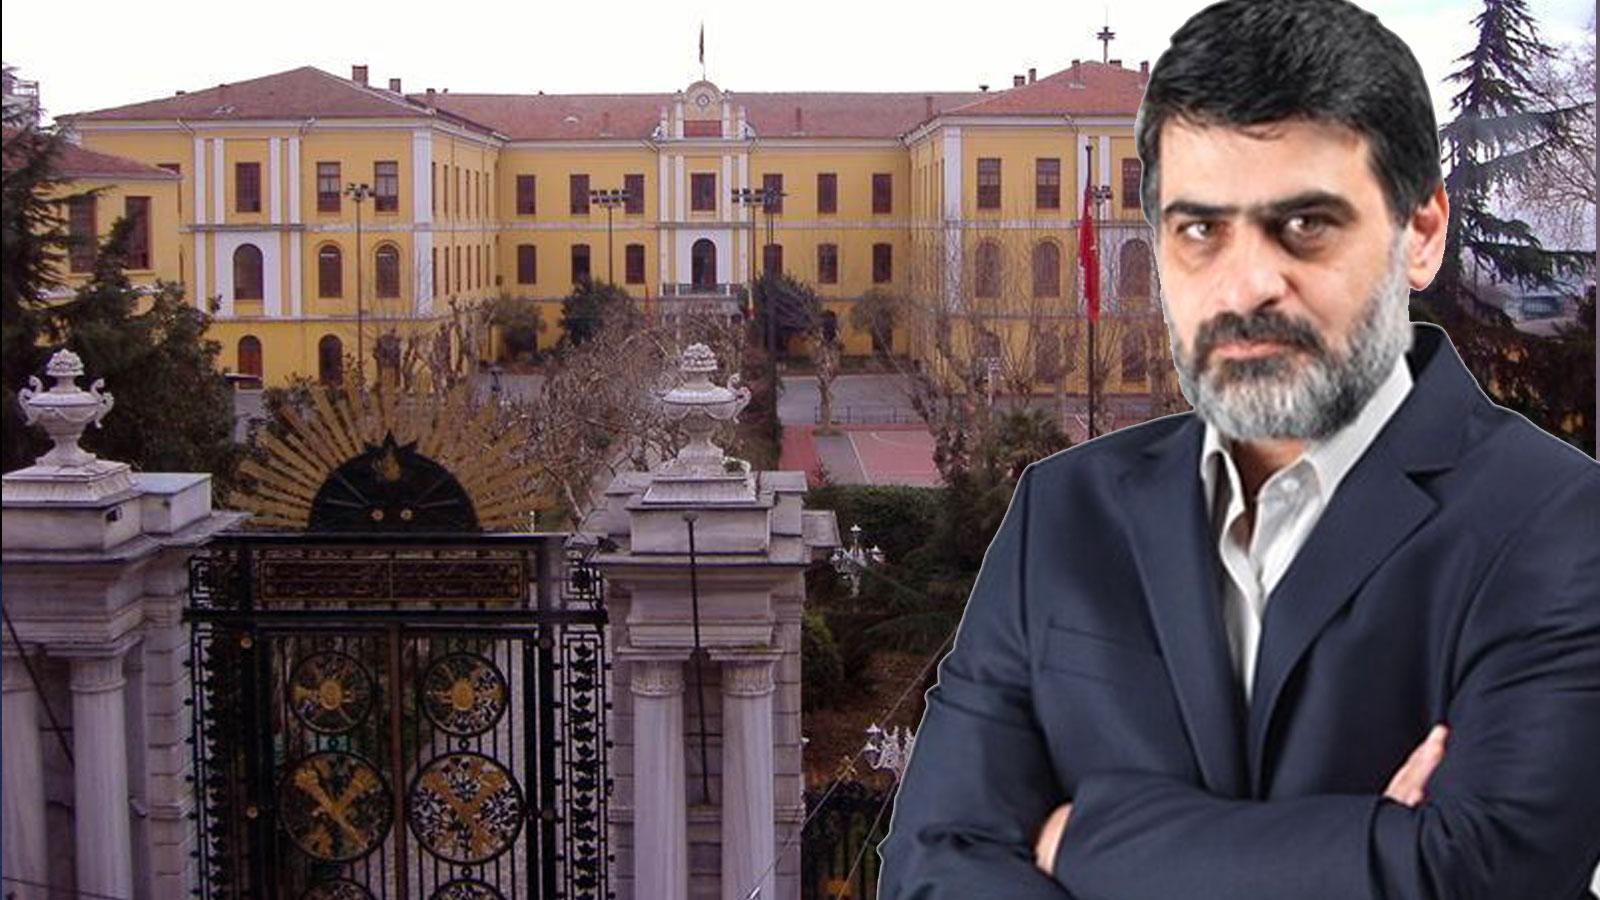 Galatasaray Spor Kulübü'nden Yeni Akit Yazı İşleri Müdürü'ne yanıt: Galatasaray Lisesi'ne dil uzatanların asıl amacı ortadadır